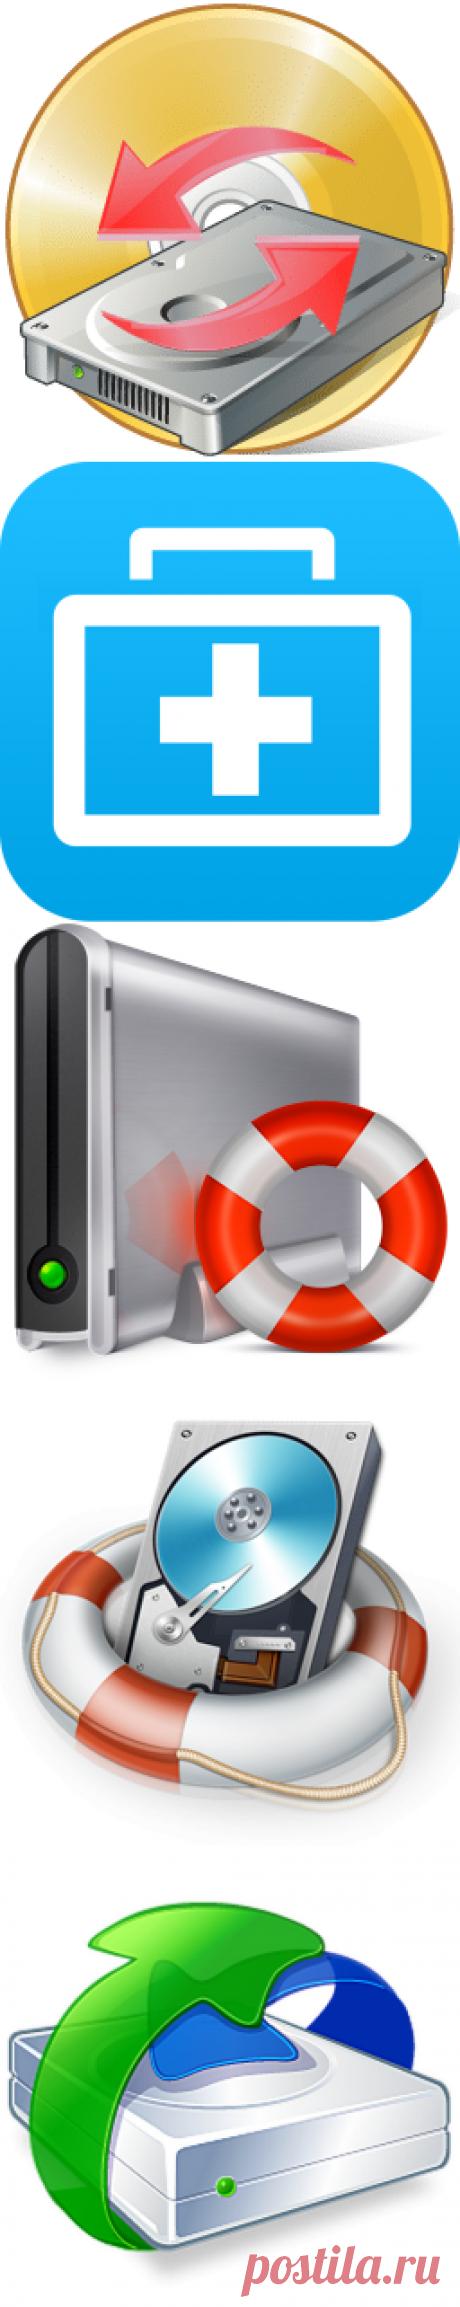 Лучшие программы для восстановления данных и файлов